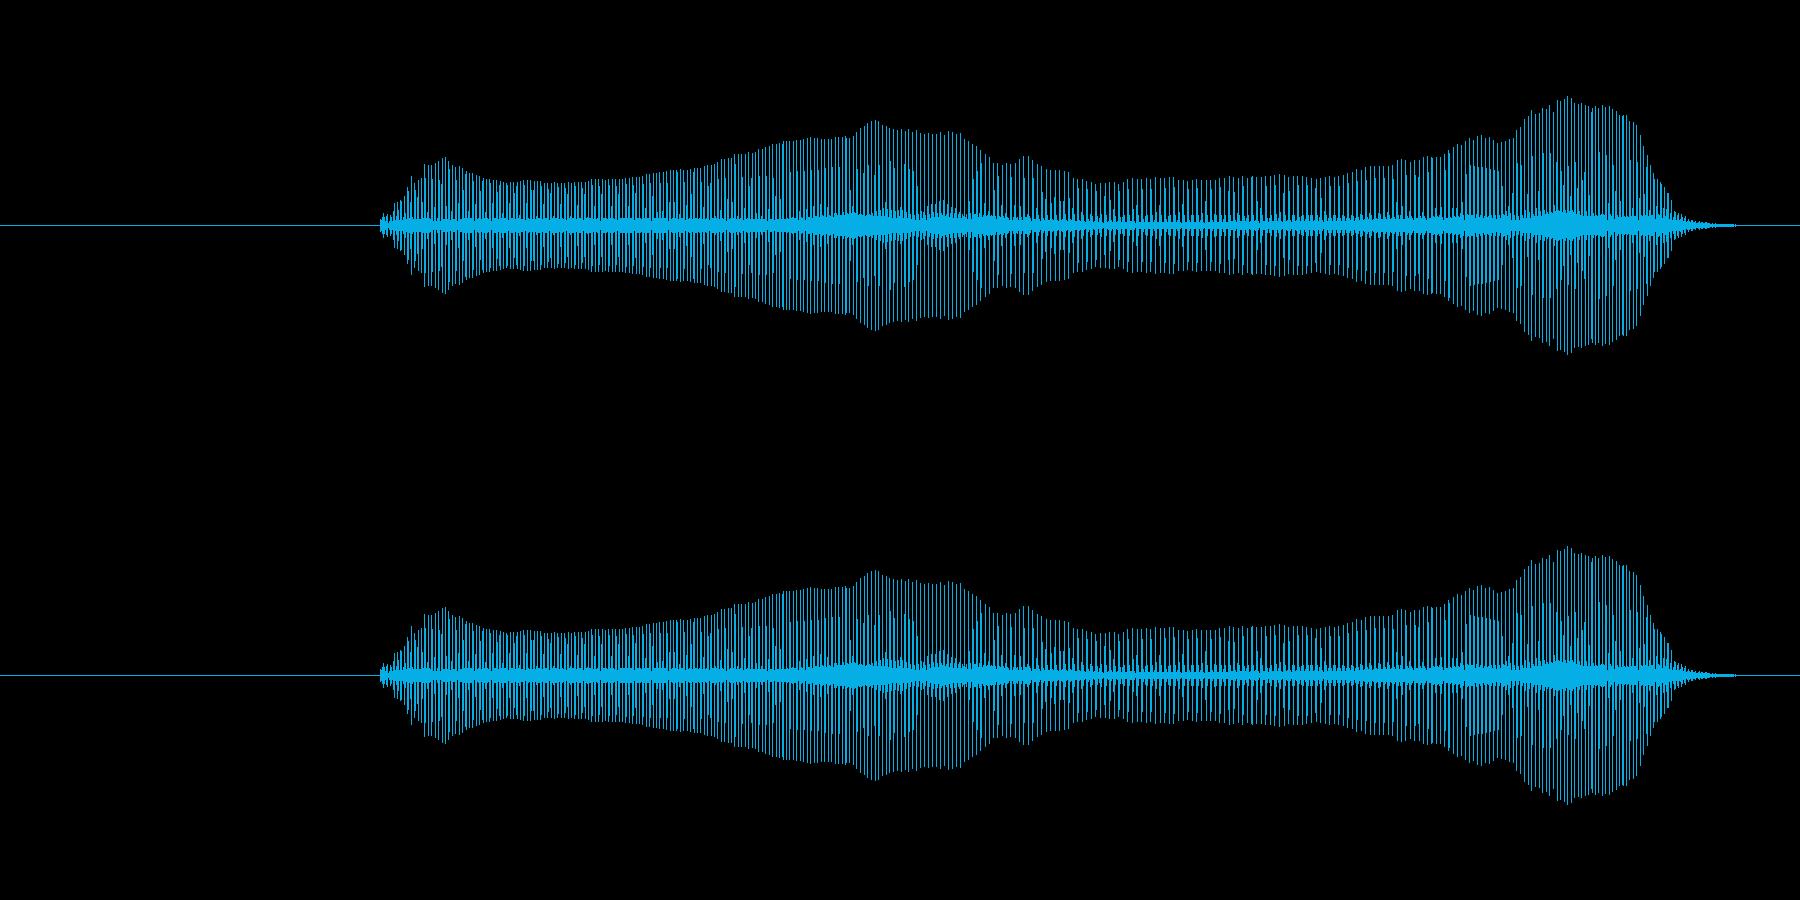 トロンボーンあるあるフレーズBPM160の再生済みの波形